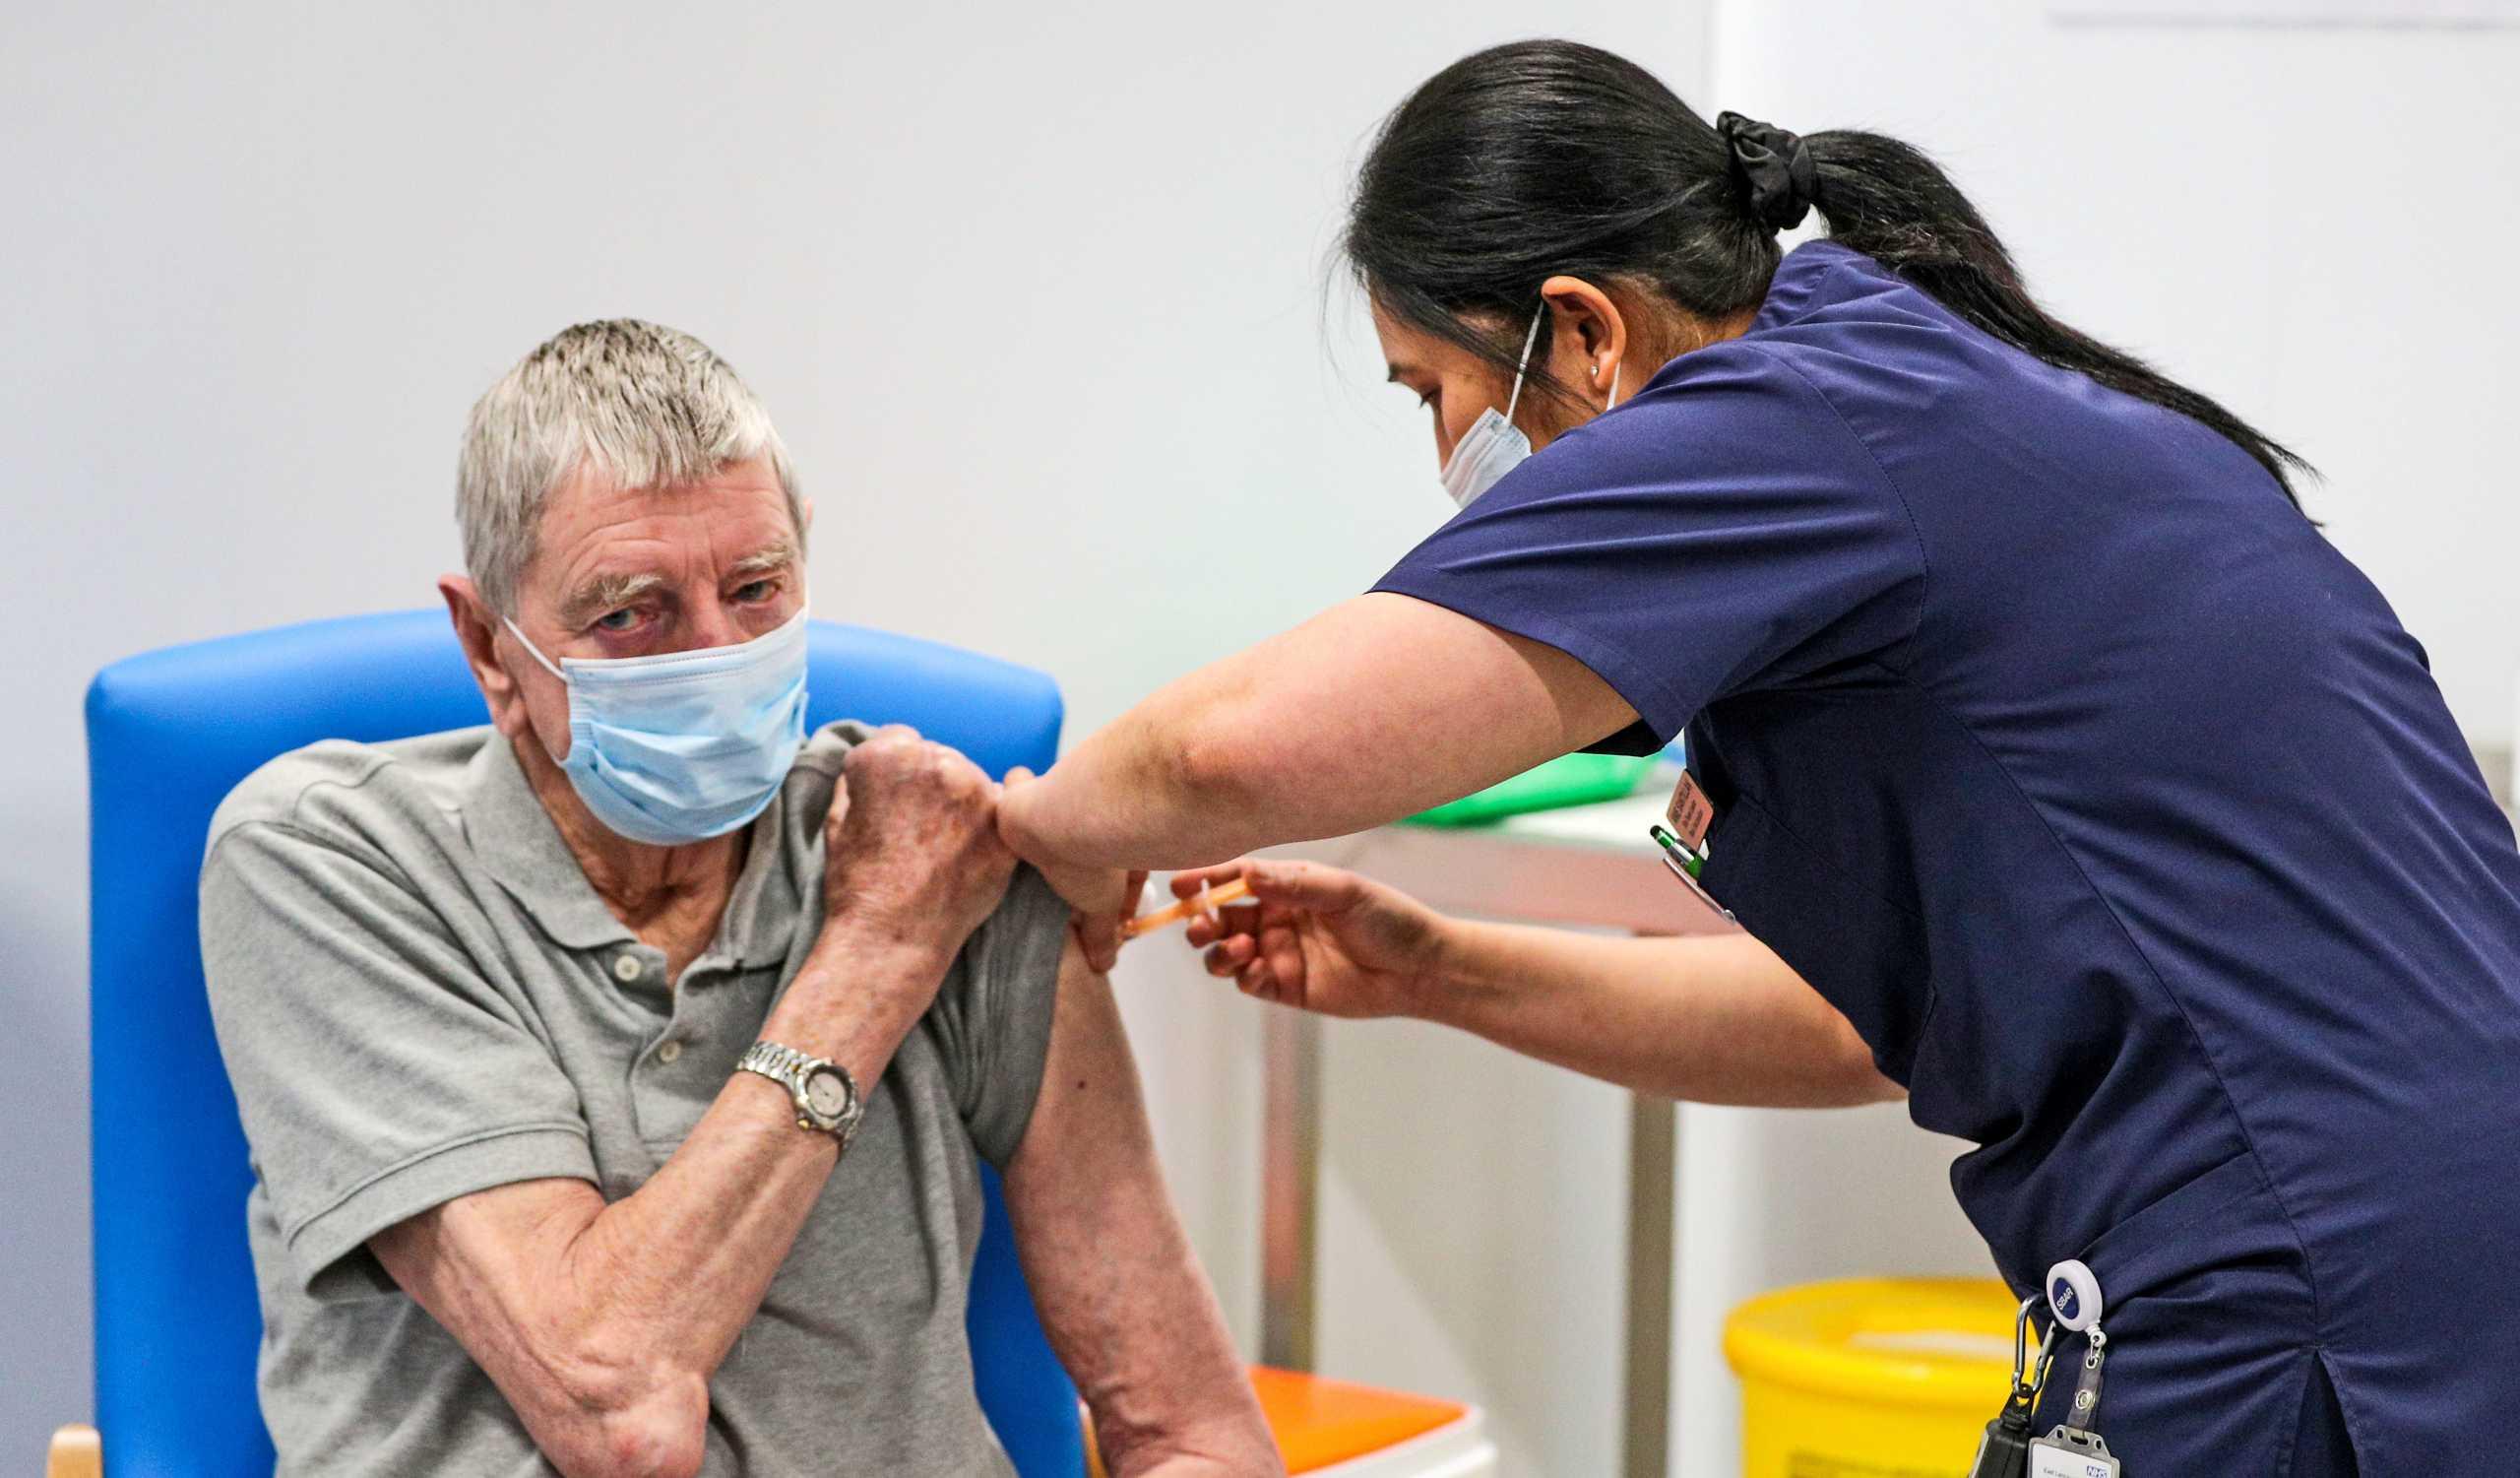 Κορονοϊός: Γιατί πρέπει να συνεχίσετε να φοράτε μάσκα αν κάνατε το εμβόλιο